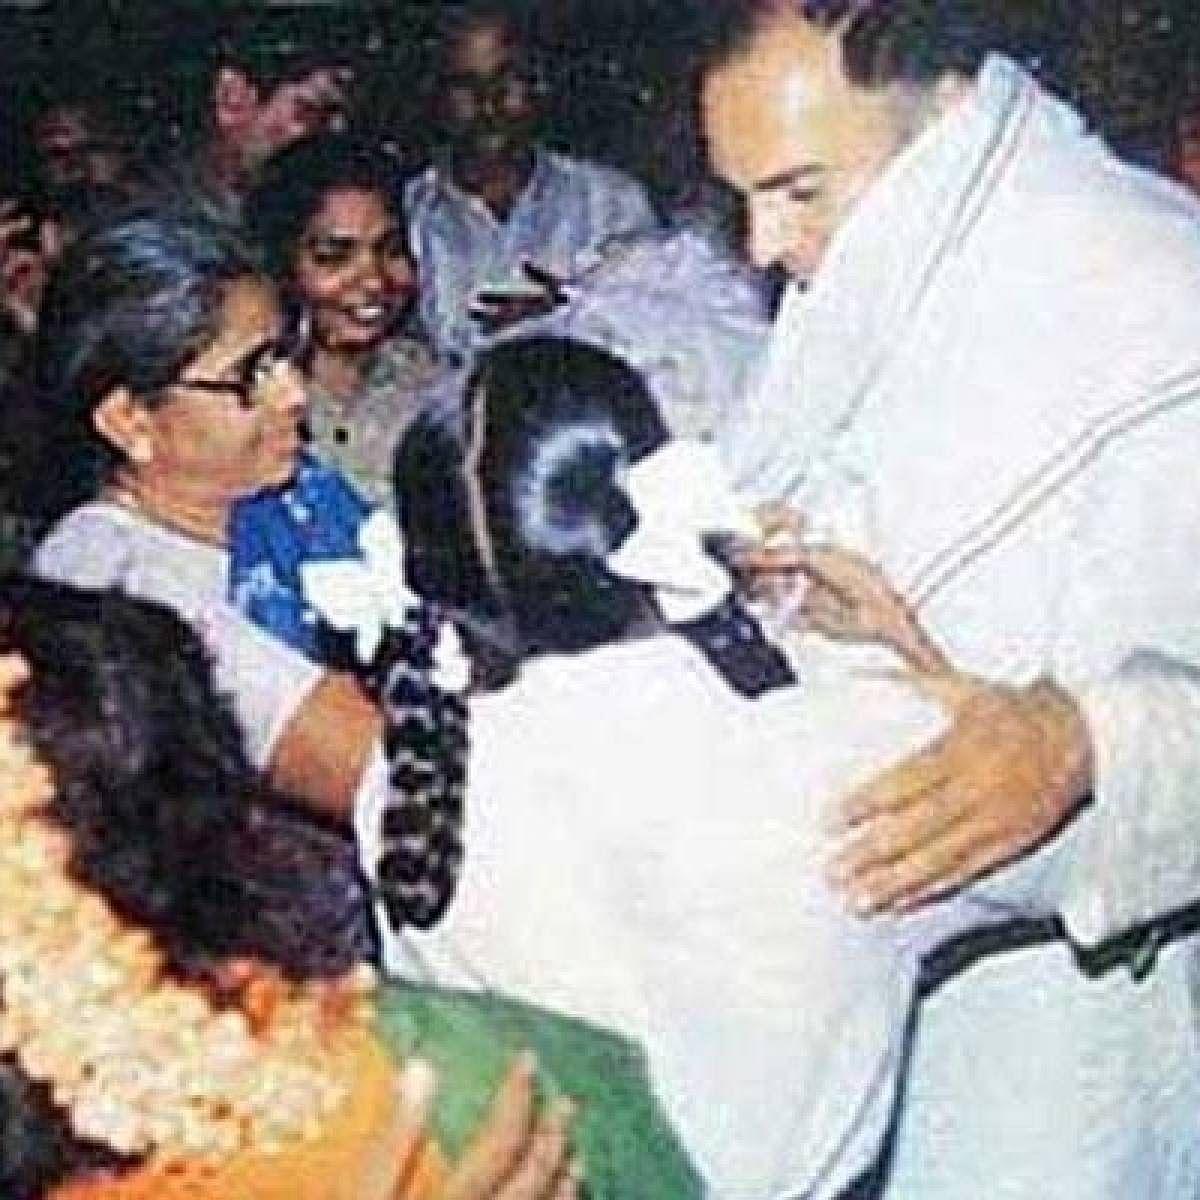 ஸ்ரீபெரும்புதூர் கூட்டத்தில் ராஜீவ் காந்தி